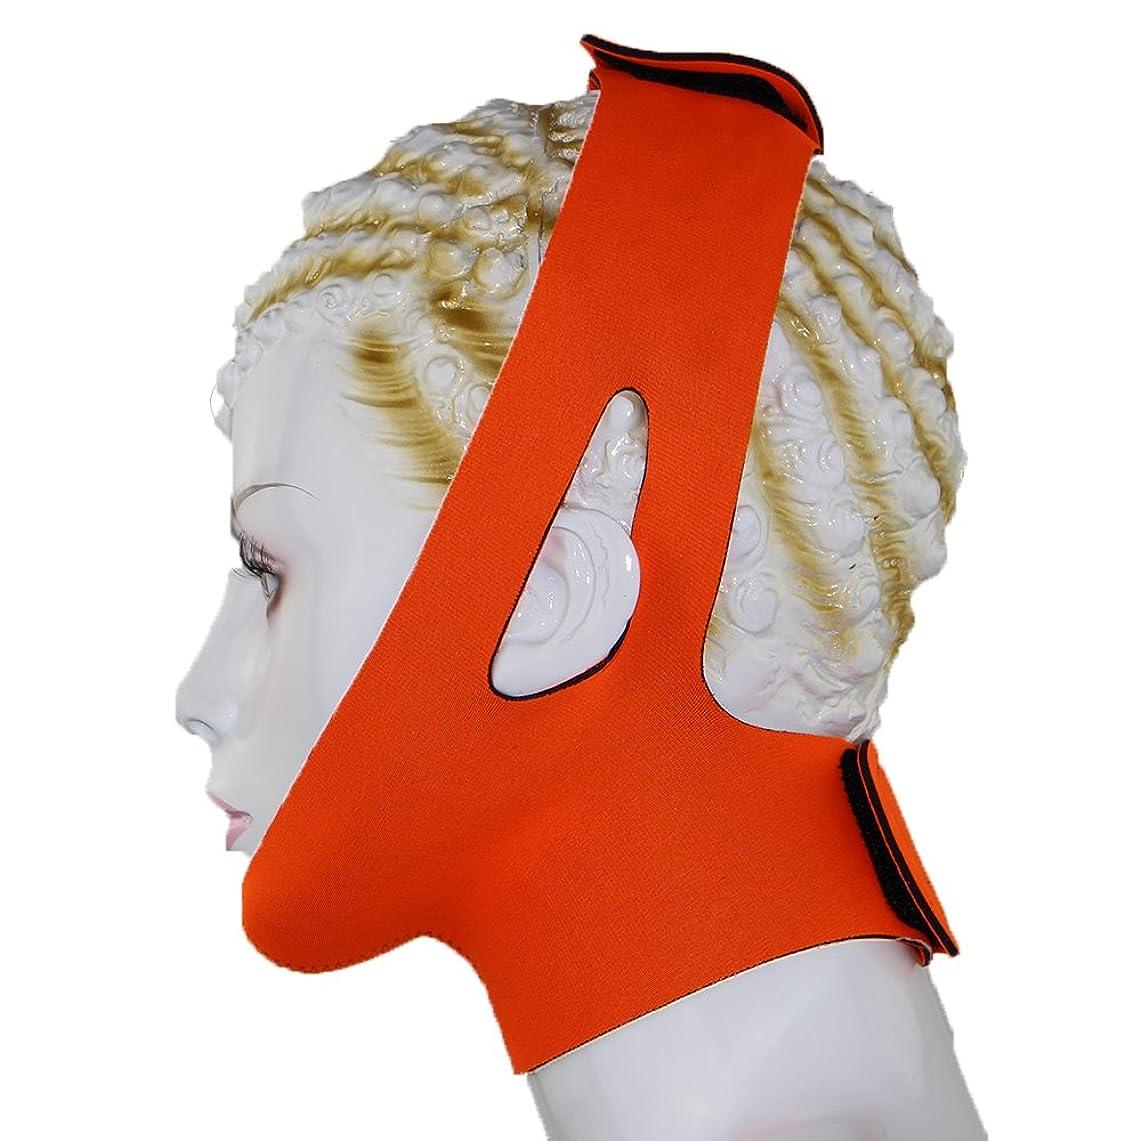 イースター行く呼びかける小顔 美容 顎サポーター ほうれい線 豊齢線 解消 マッサージグッズ フェイスマスク 二重あご 加圧 ベルト レディース (オレンジ)